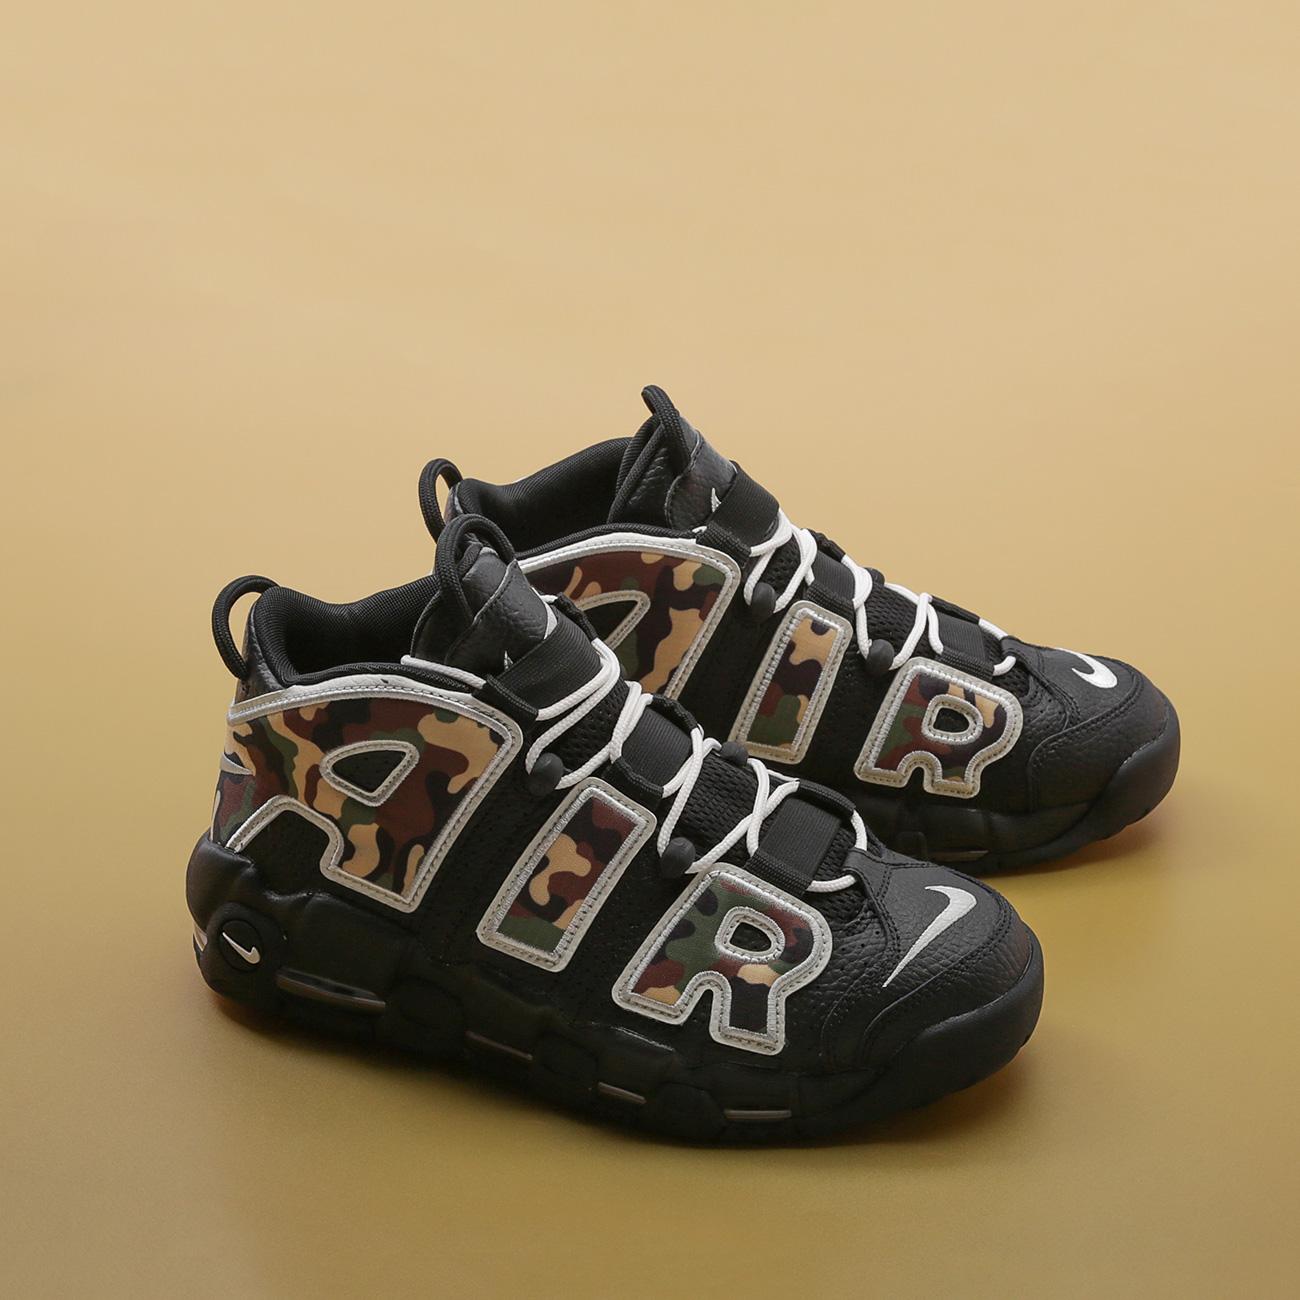 eeebd25940ce Интернет магазин кроссовок, одежды и обуви с доставкой по Москве, России и  заграницу Sneakerhead